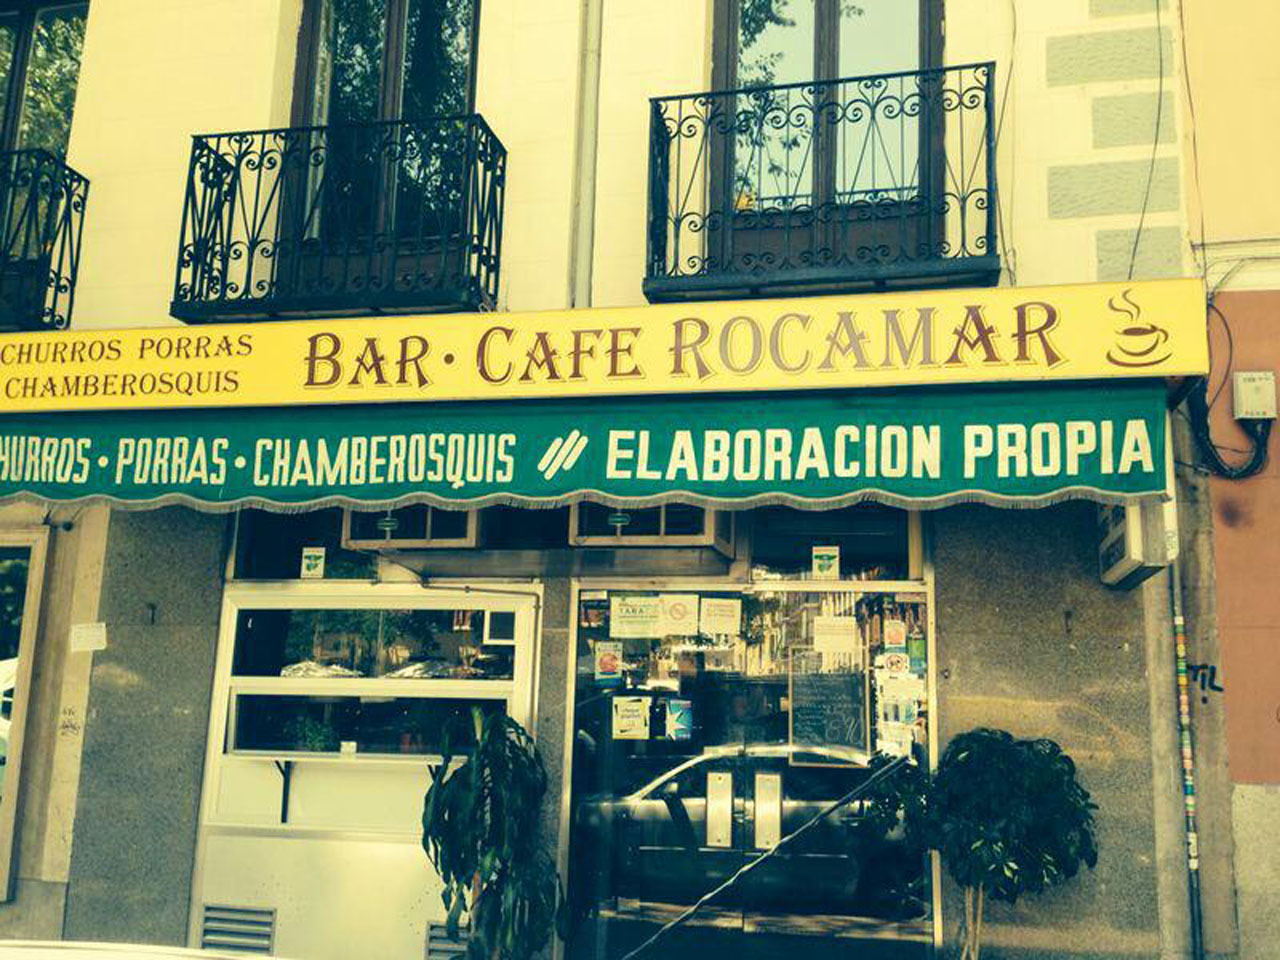 Los mejores chocolates con churros - Rocamar